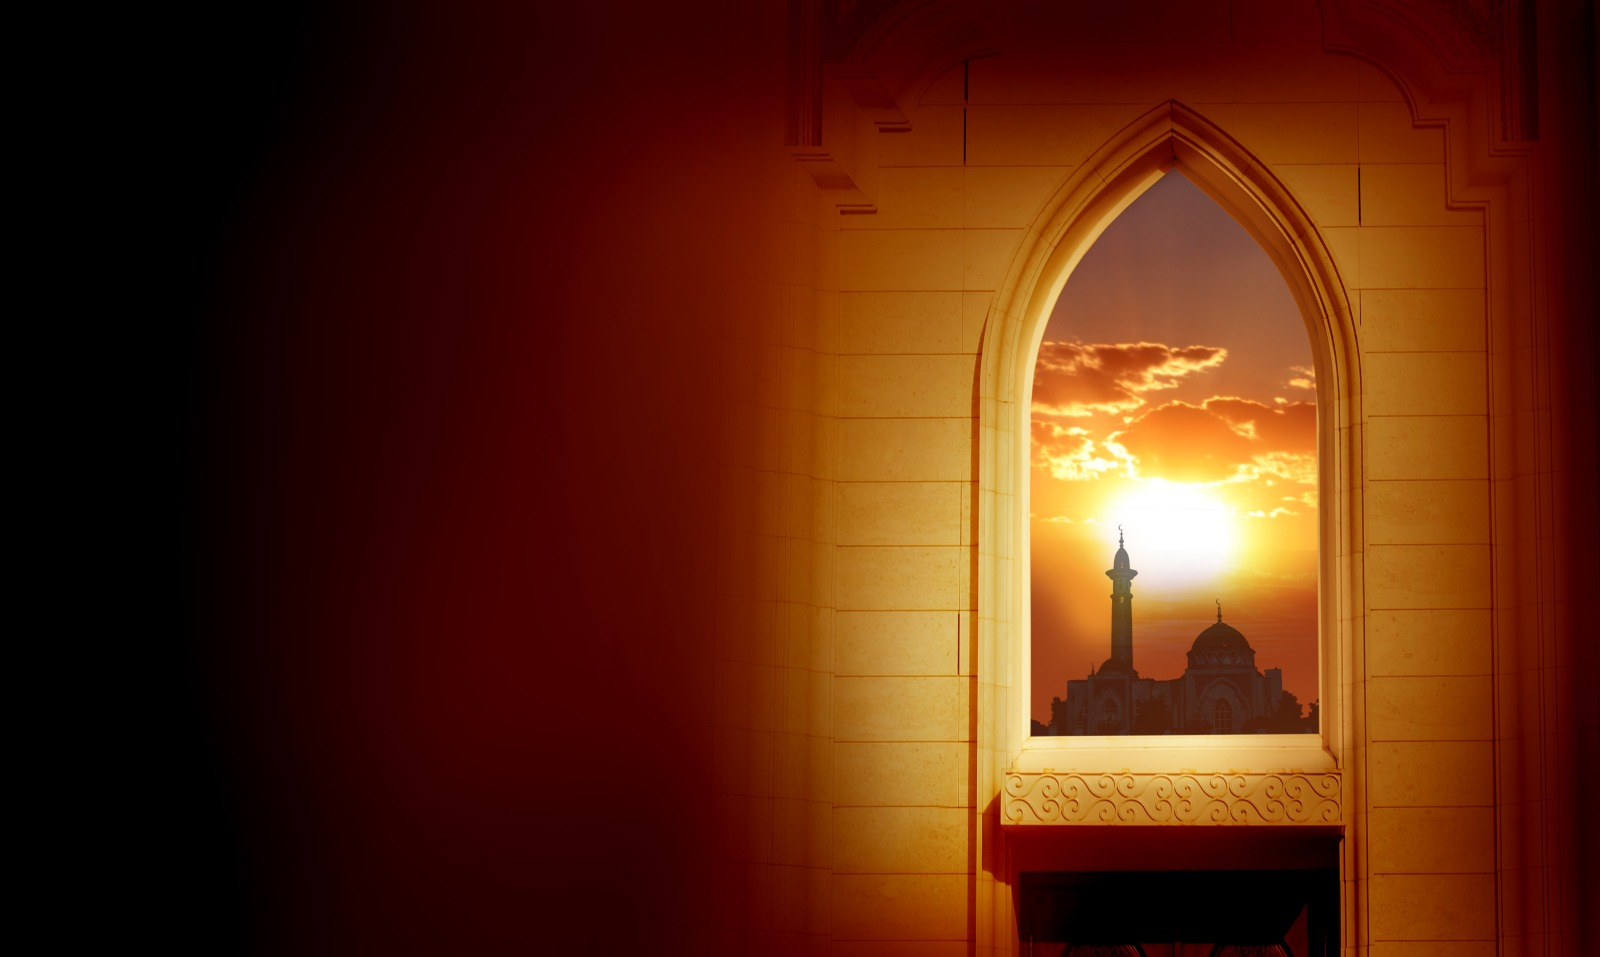 Comfort and Sweetness in Prayer (Salah)